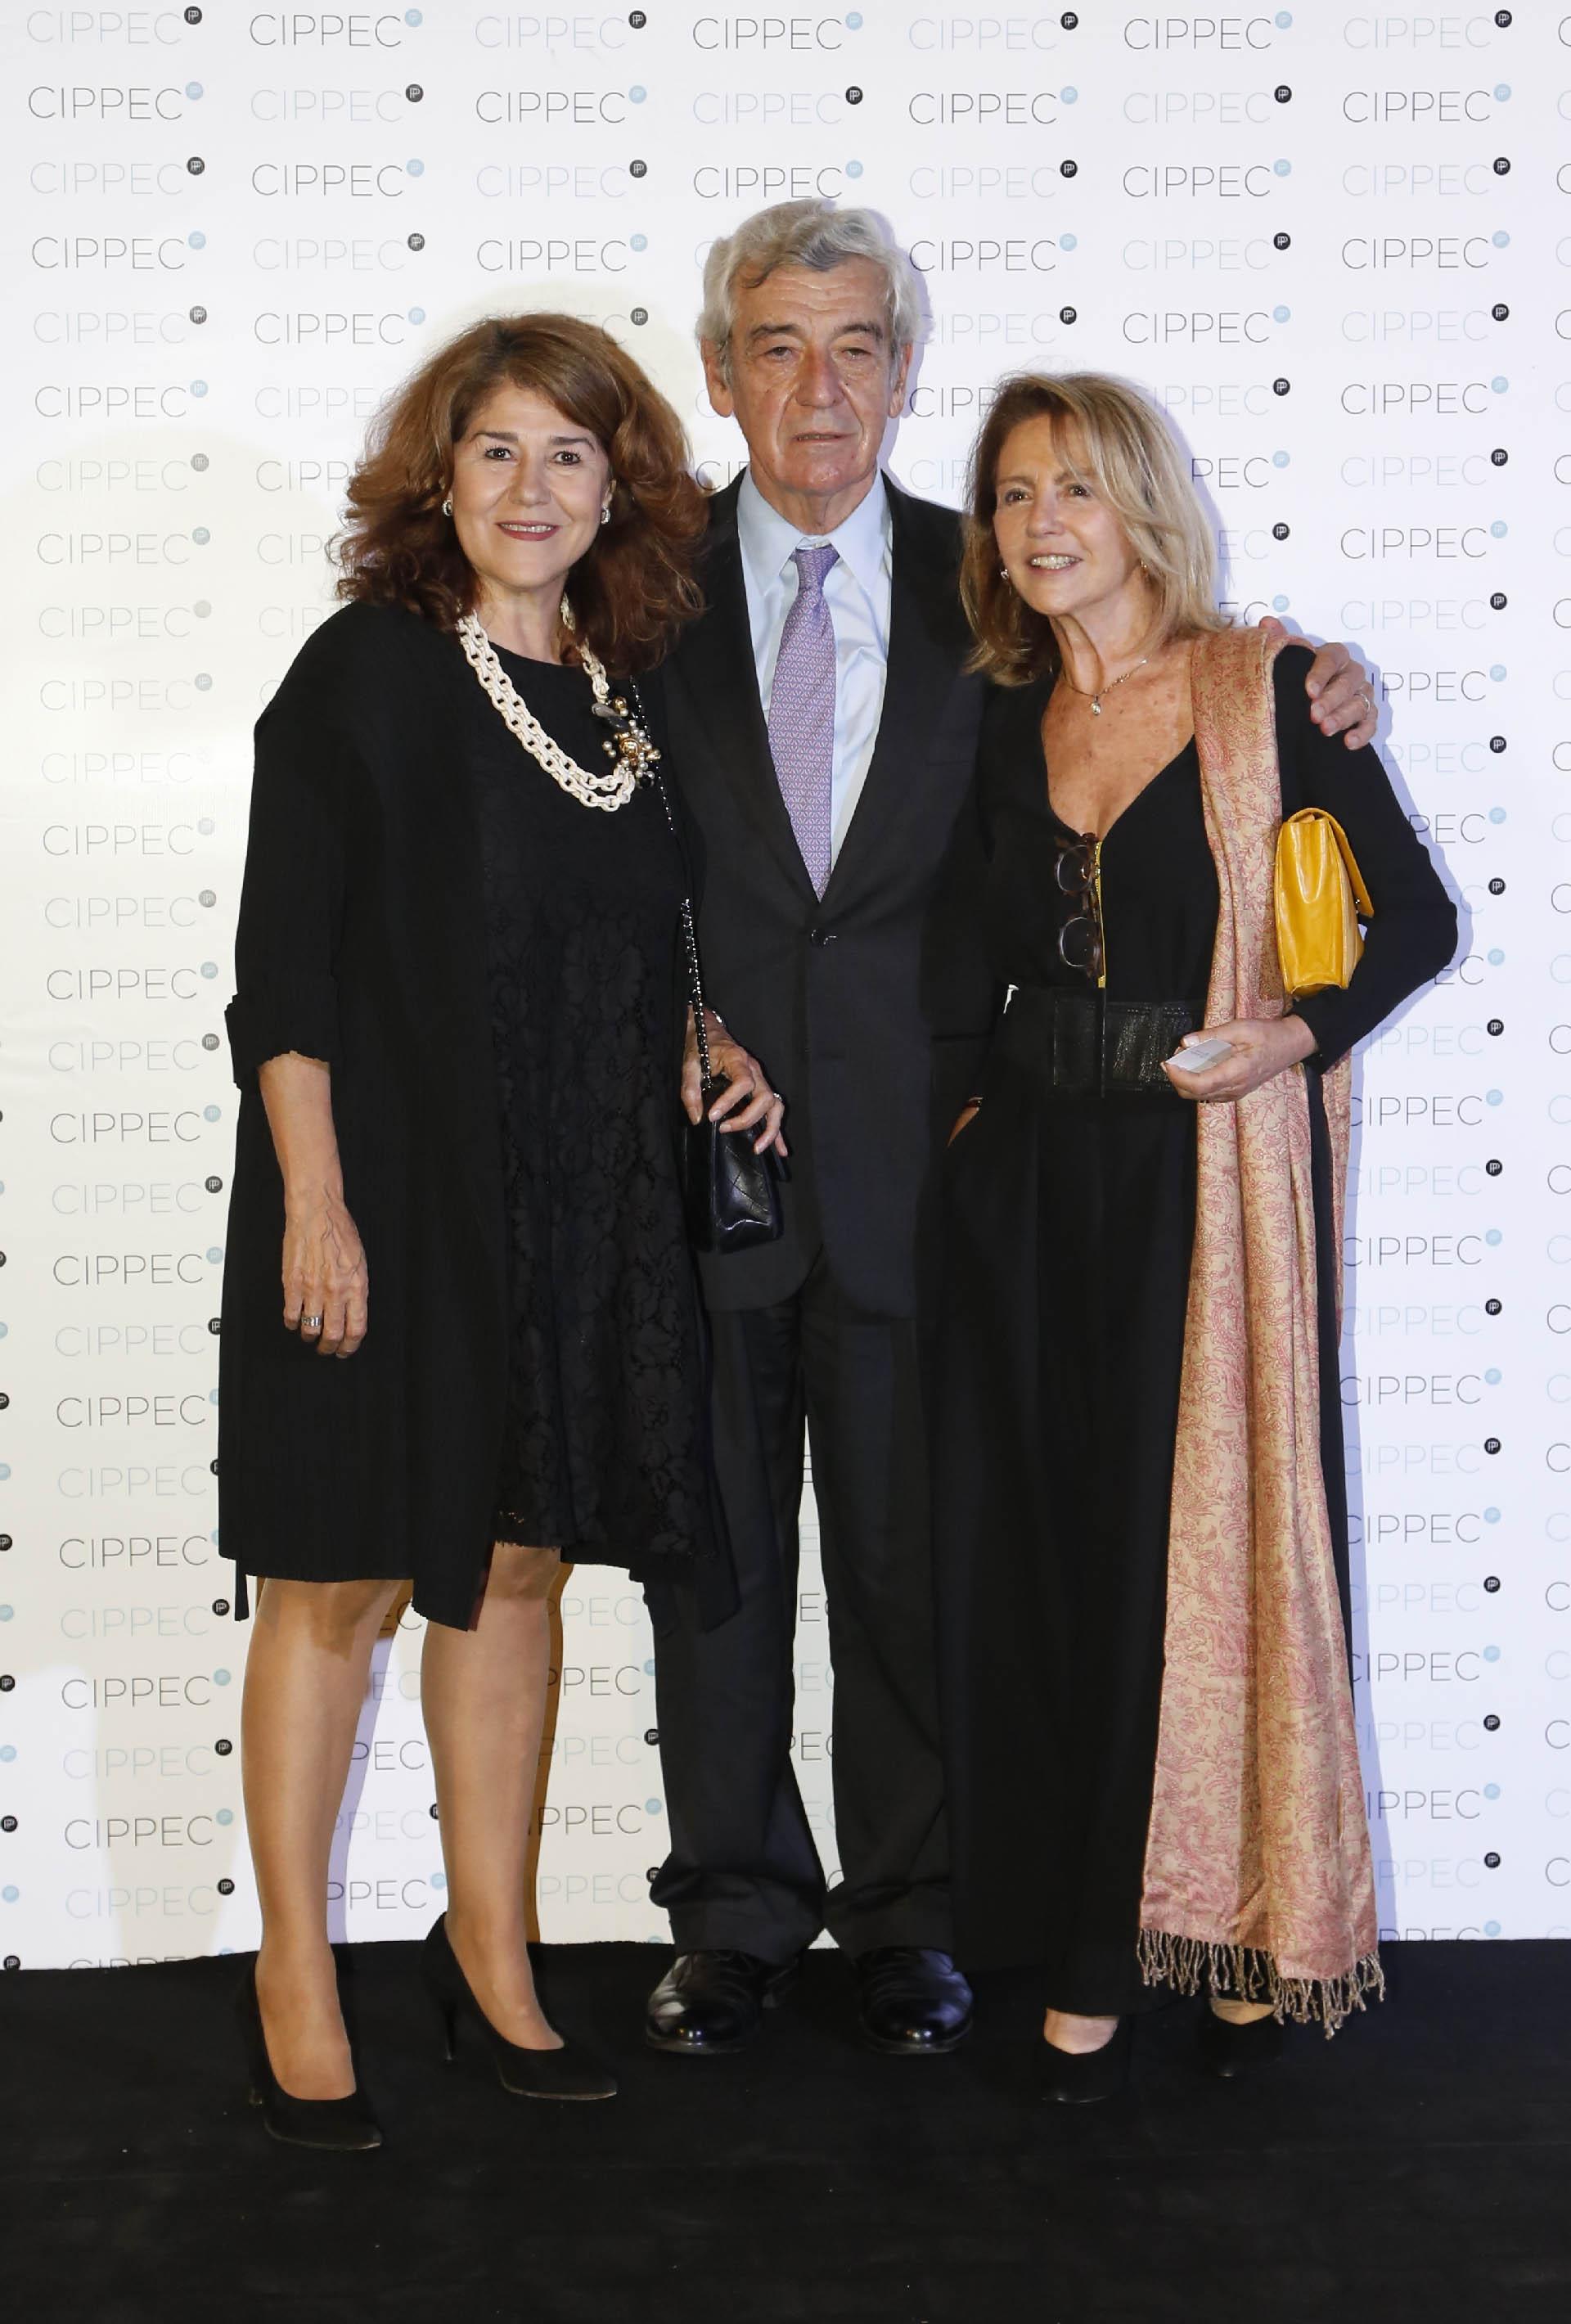 El embajador argentino en Chile, José Octavio Bordón, y Graciela Römer